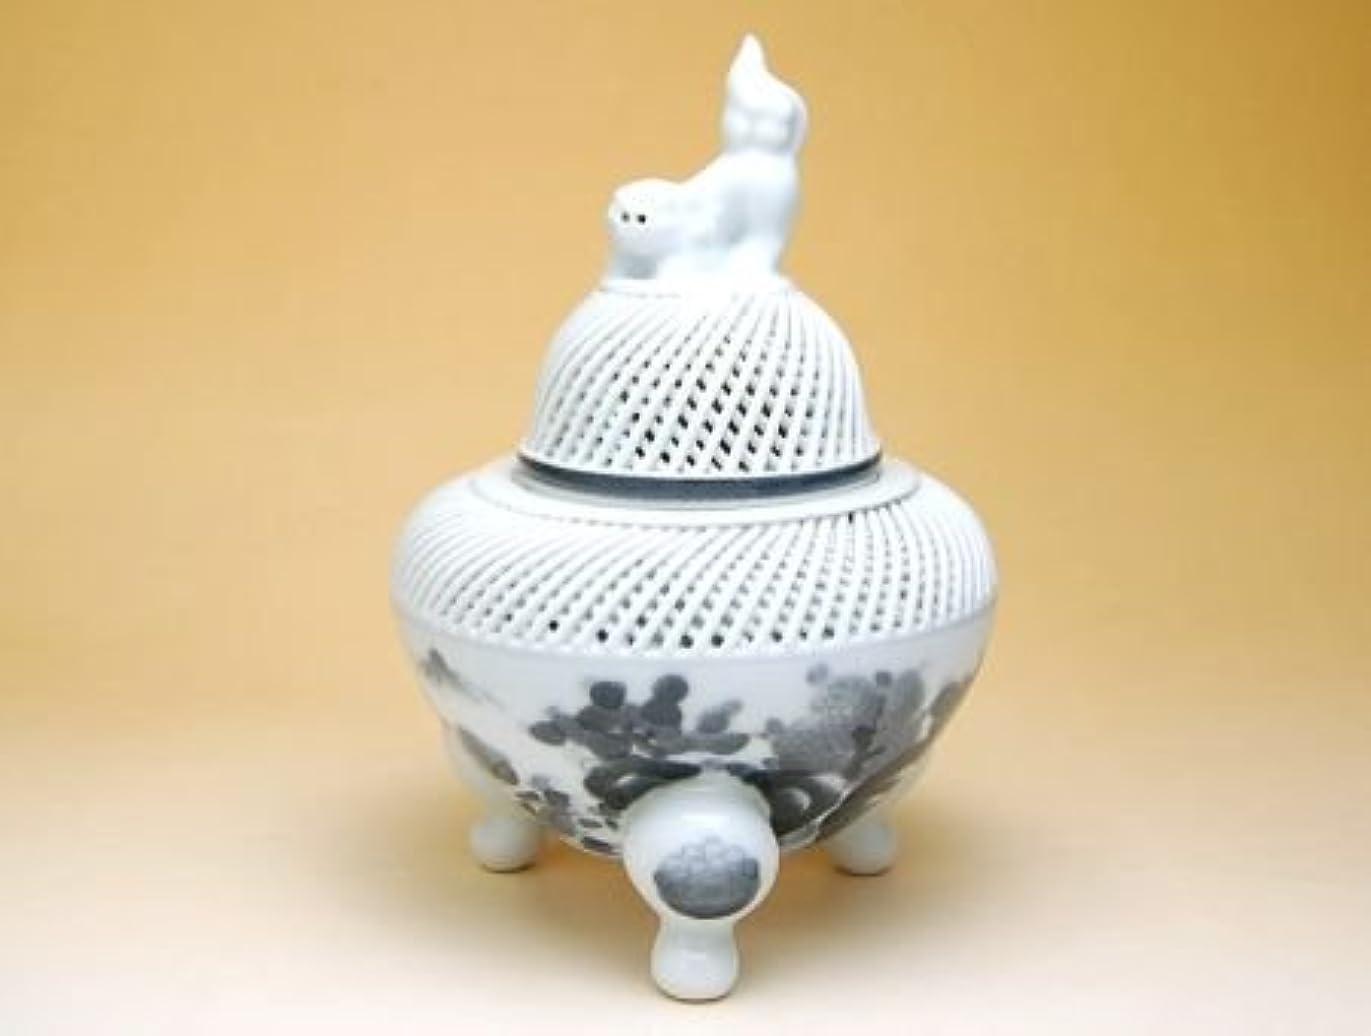 アメリカ彫るオークション有田焼 網目墨山水 (大)香炉【サイズ】径13.5cm×高さ20cm